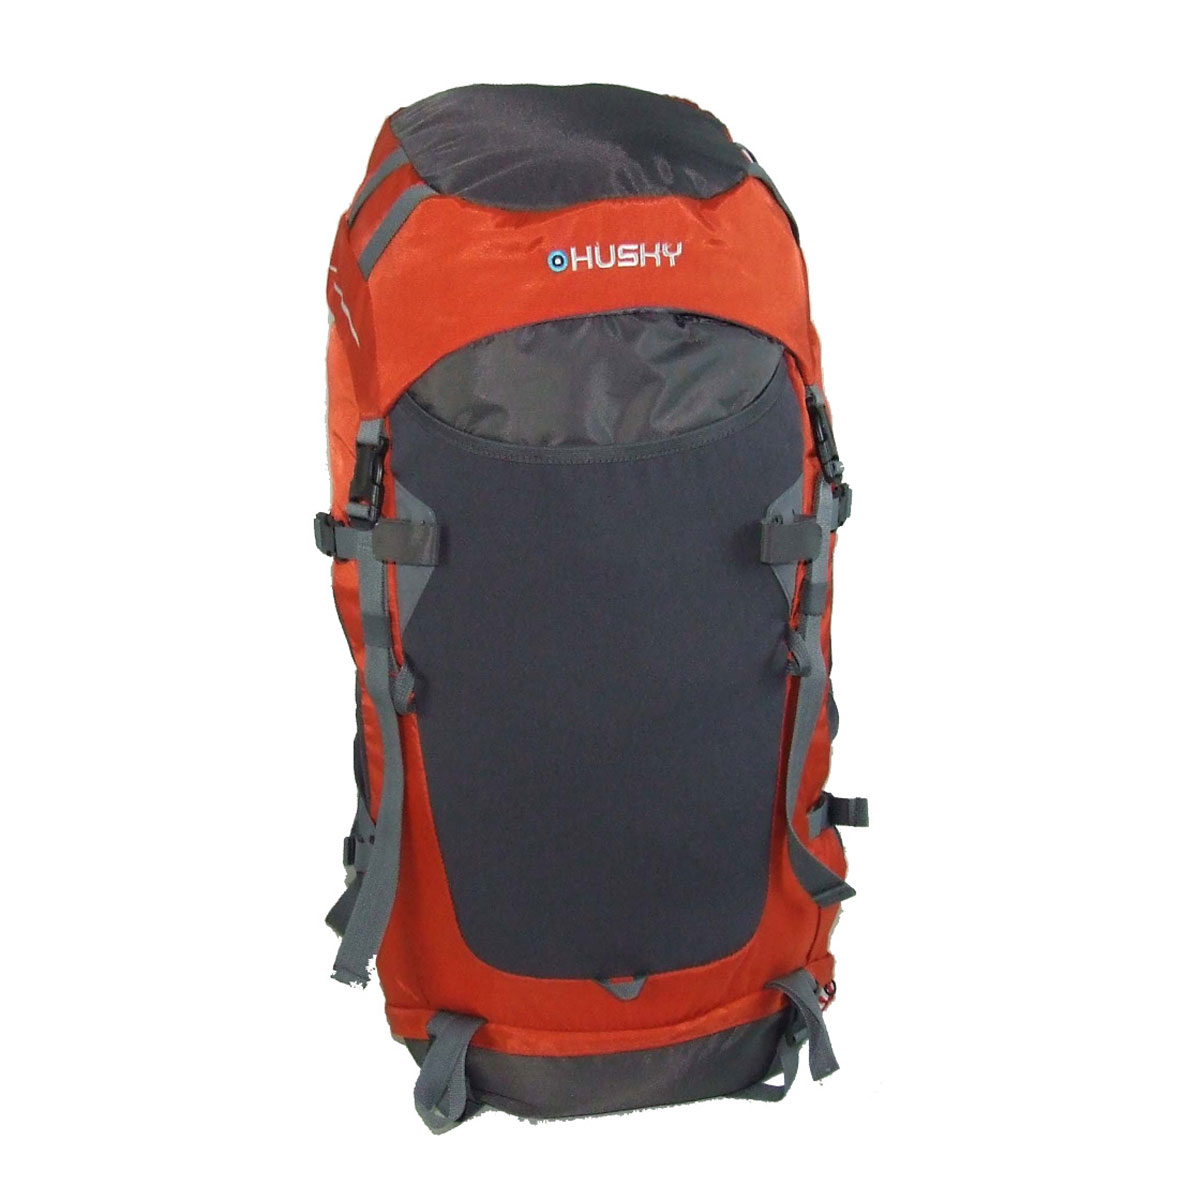 Рюкзак туристический Husky Rony 50, цвет: оранжевыйУТ-000057591Рюкзак туристический Husky Rony 50 станет Вашим незаменимым спутником во время путешествий, отдыха на свежем воздухе или занятий спортом. Вместительное внутреннее отделение, множество внешних карманов вместят все необходимо снаряжение, при этом вес рюкзака равномерно распределяется на вашу спину и плечи благодаря спинке анатомической формы с ребрами жесткости. Удобные плечевые лямки и поясной ремень надежно зафиксируют рюкзак на спине во время сложного похода.Особенности: два отделения с боковым входом, водонепроницаемая легкая ткань, жесткая спина из пластика EVA,дюралюминиевые вставки,боковые карманы-сетки,держатели для палок, ледоруба,регулируемая крышка-карман,накидка от дождя, молнии YKK,система вентиляции спины ETS,место для гидратора,светоотражающие элементы,материал: Нейлон 420D 100T, нейлон RipStop 200D W/P.Что взять с собой в поход?. Статья OZON Гид